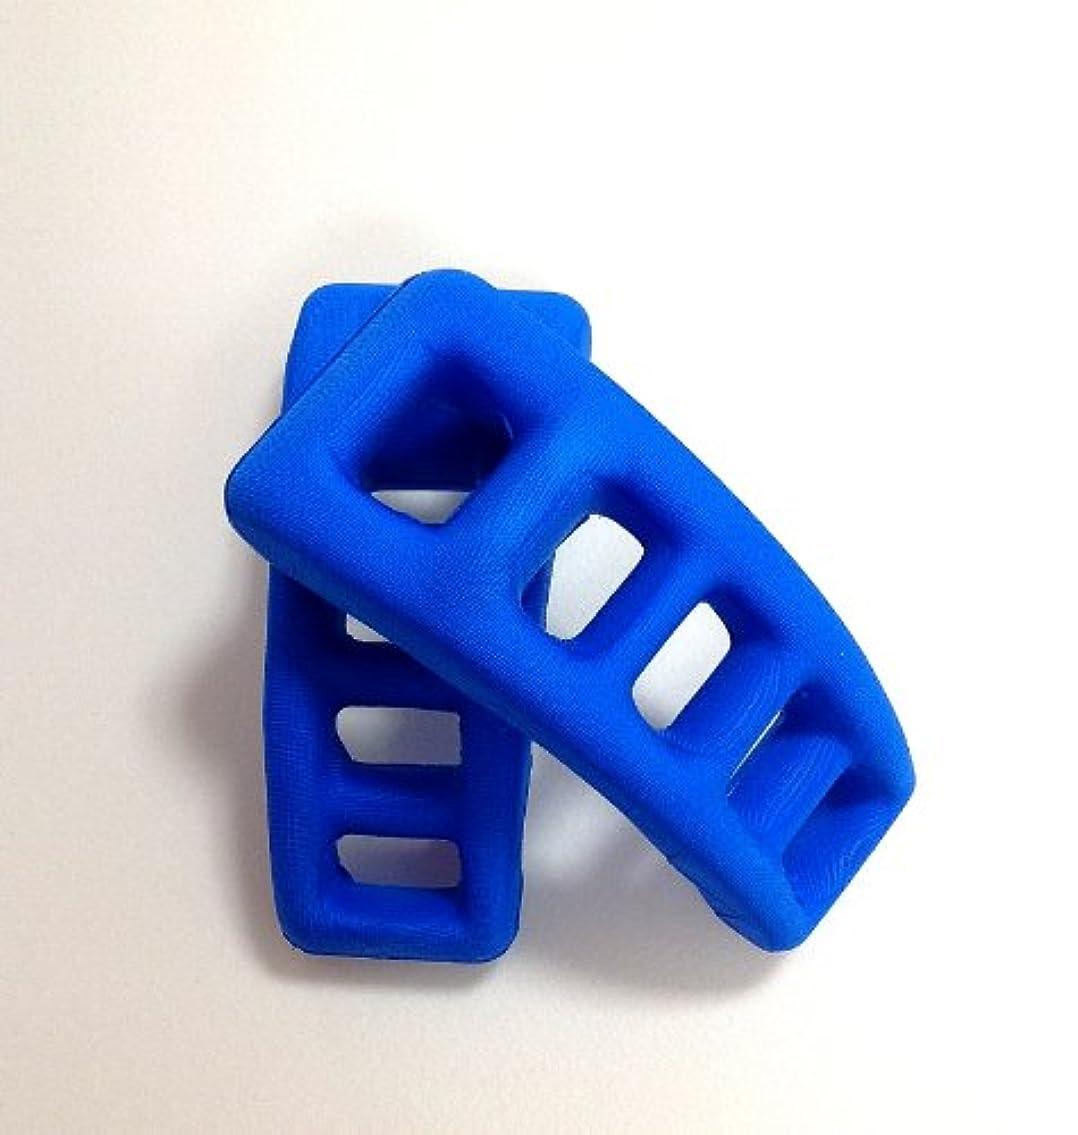 スペインスプーン安定した足ゆび元気くん AG21 ブルー S ハード